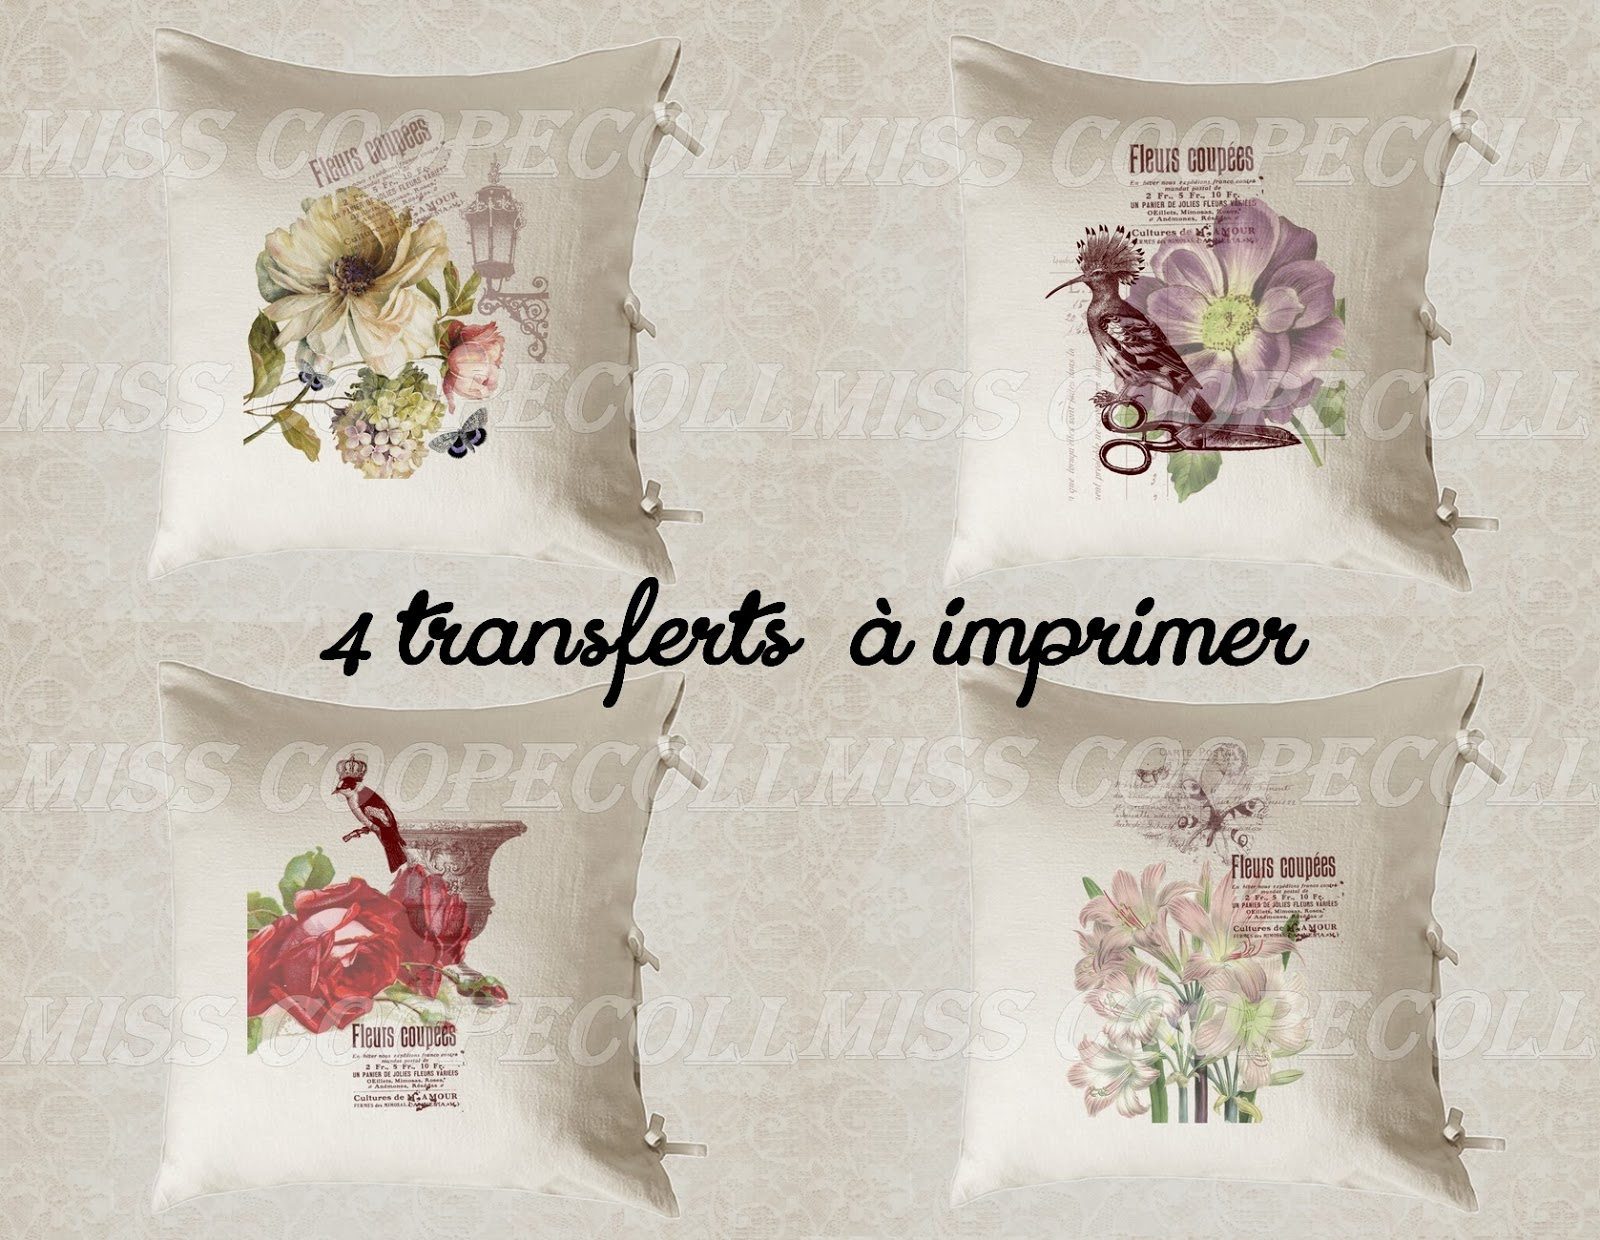 http://www.alittlemarket.com/autres-pieces-pour-creations/nouveau_4_images_digitales_pour_transfert_tissu_fleurs_coupees2_envoi_par_mail-6911931.html